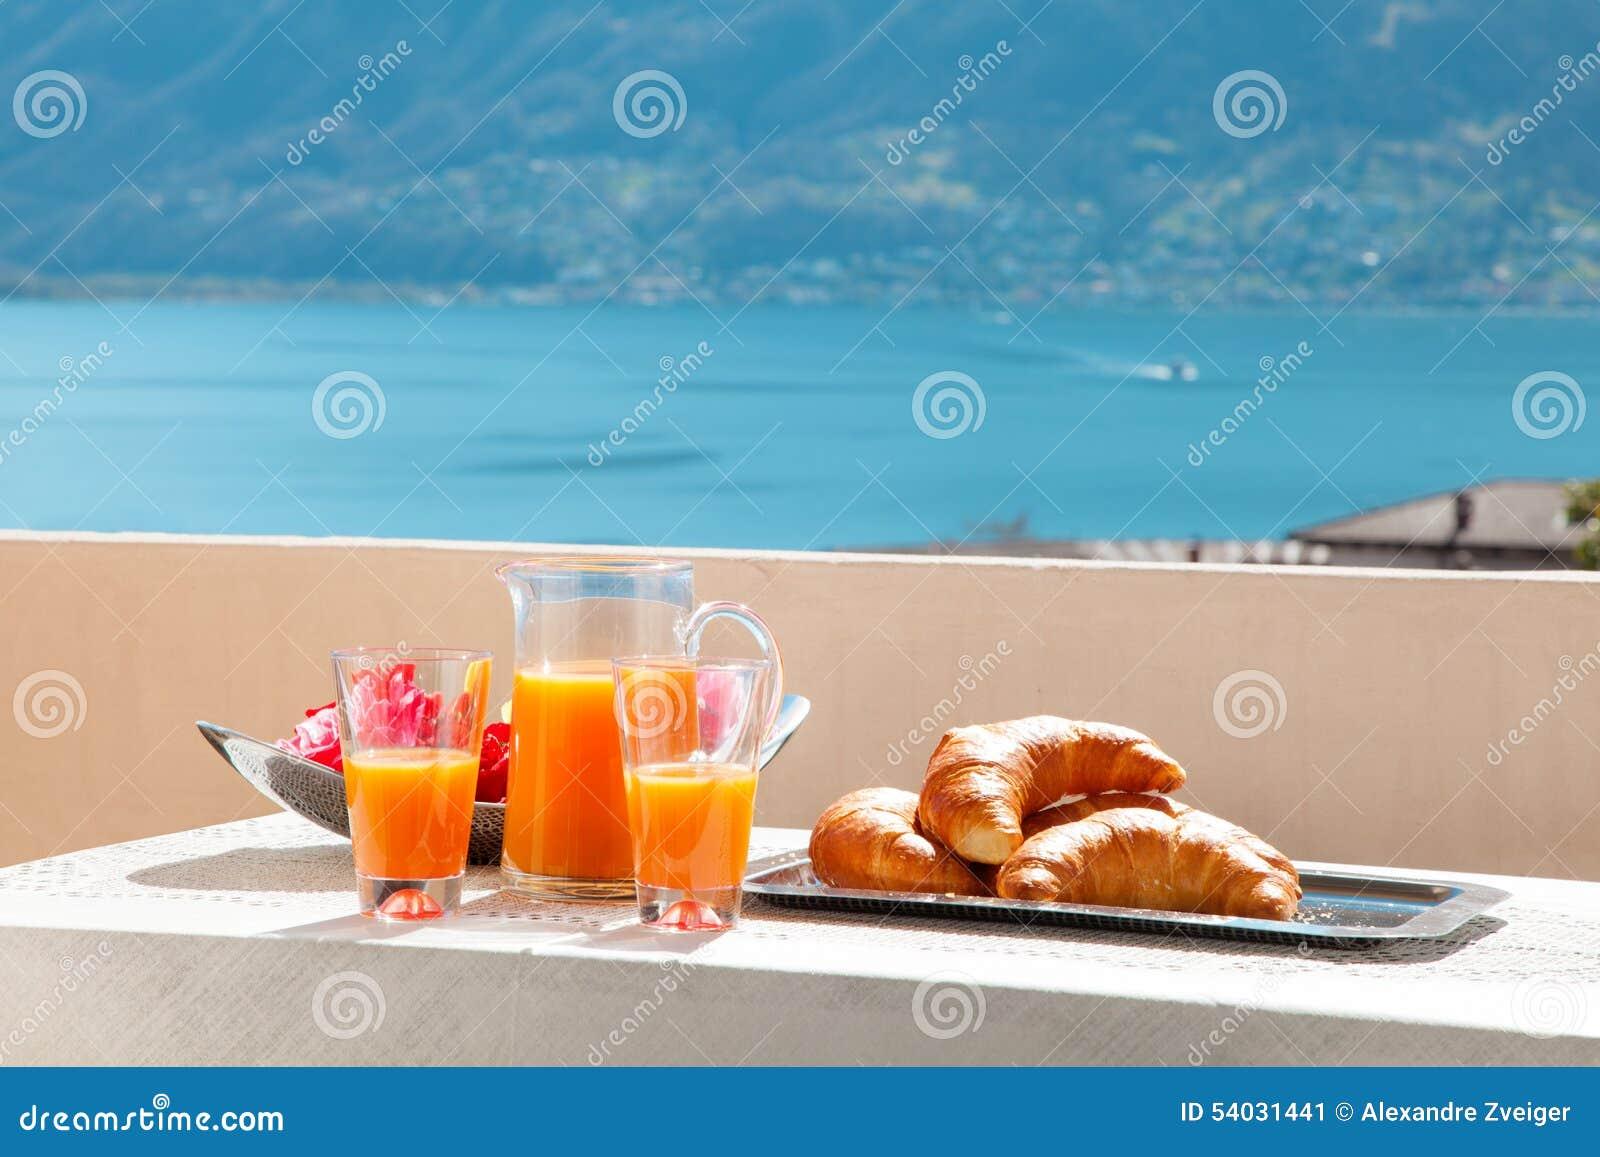 Frukost på balkongen, utomhus